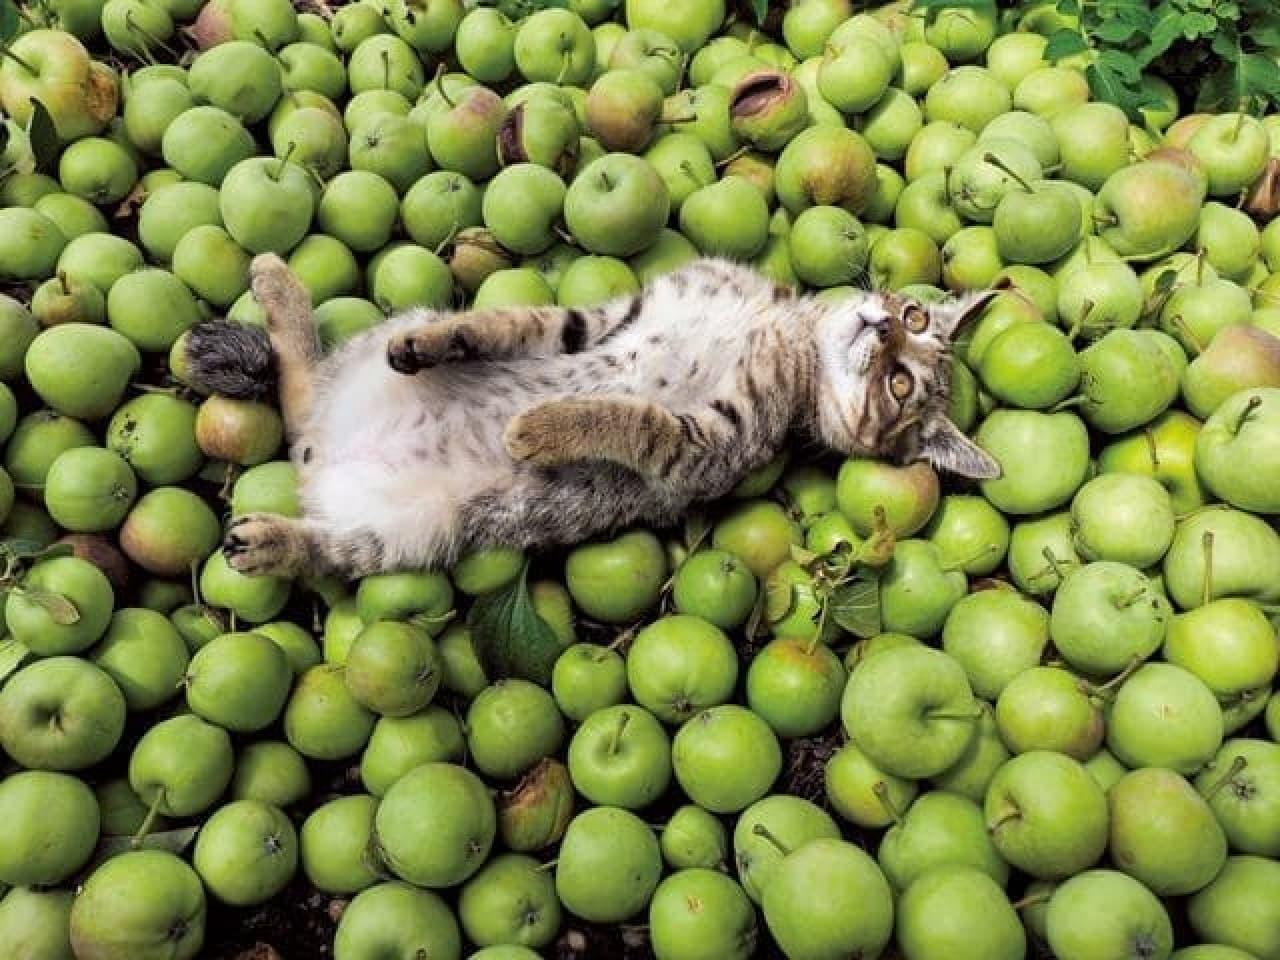 岩合光昭さんの写真展「ふるさとのねこ」夏:摘果した青いリンゴに寝ころぶネコ